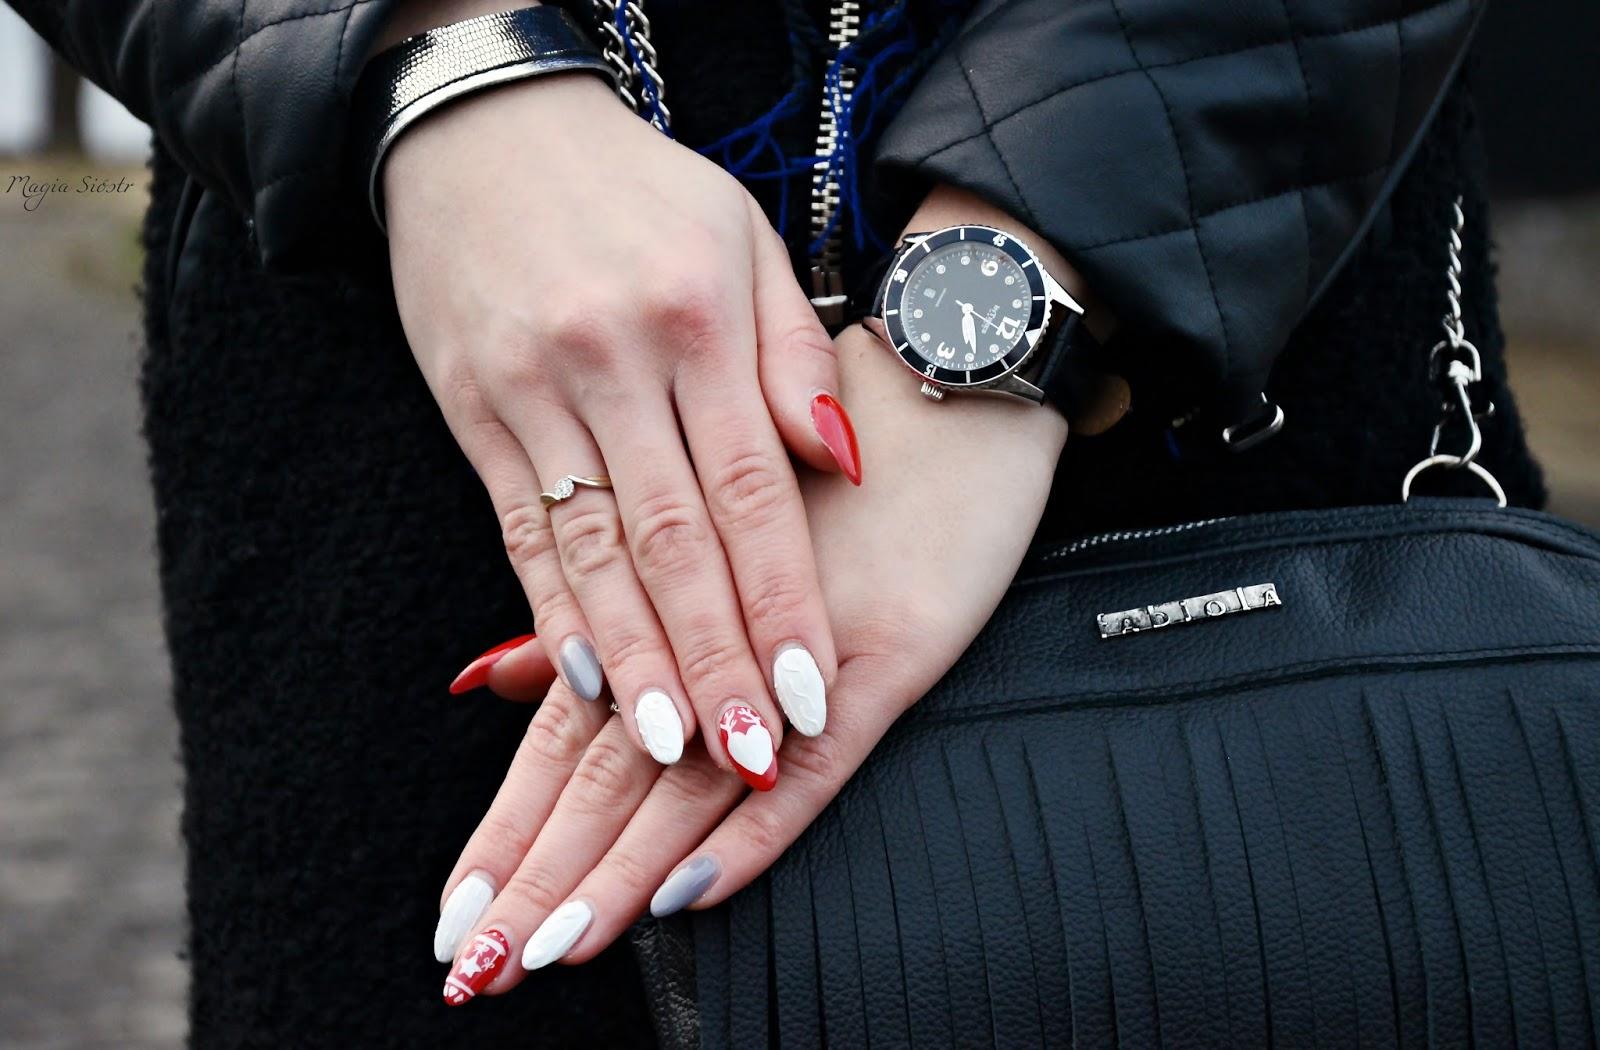 świąteczne paznokcie, coraz bliżej święta, biało-czerwone paznokcie, elegancki zegarek Intimes